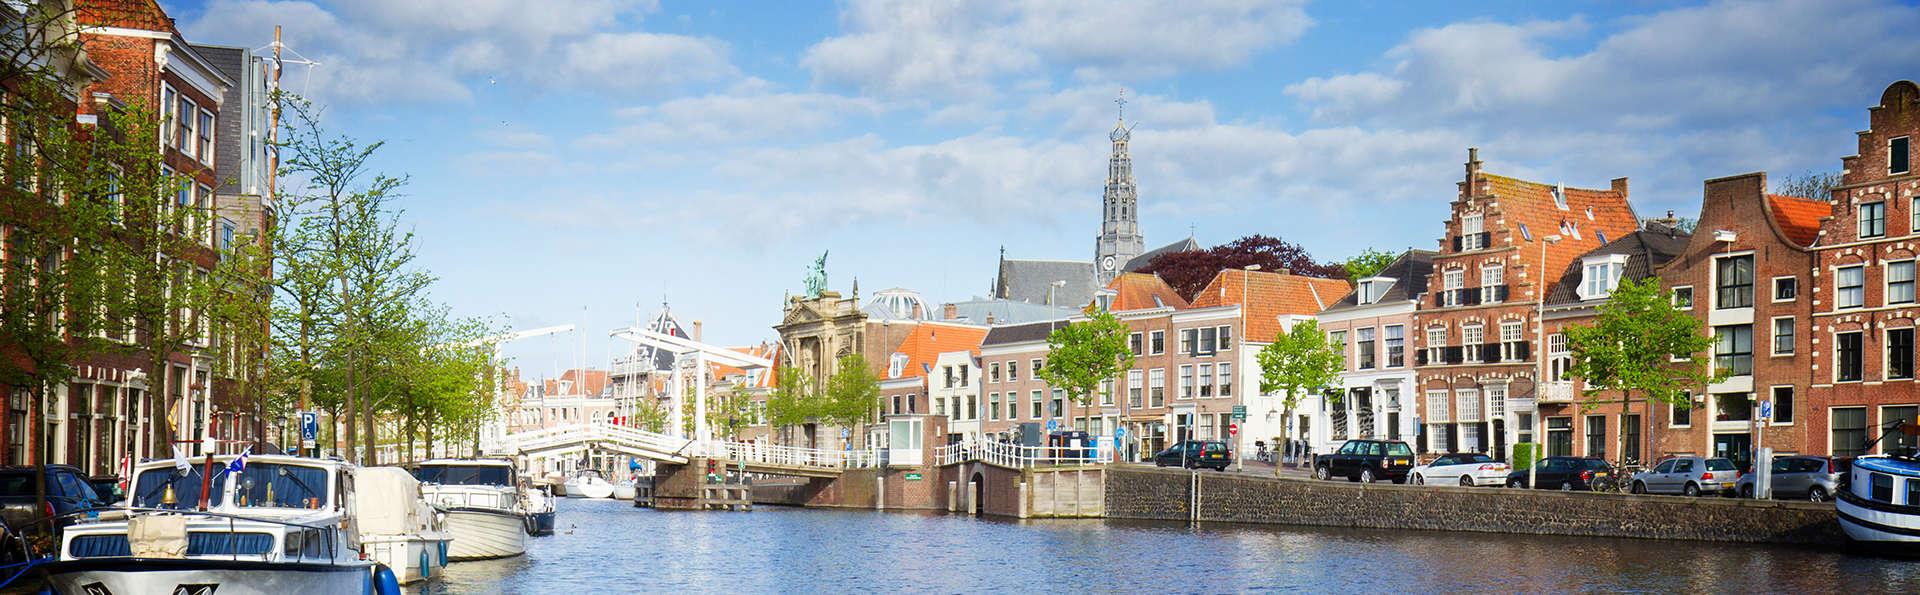 Passez la nuit à Santpoort-Noord et découvrez la ville pittoresque d'Haarlem